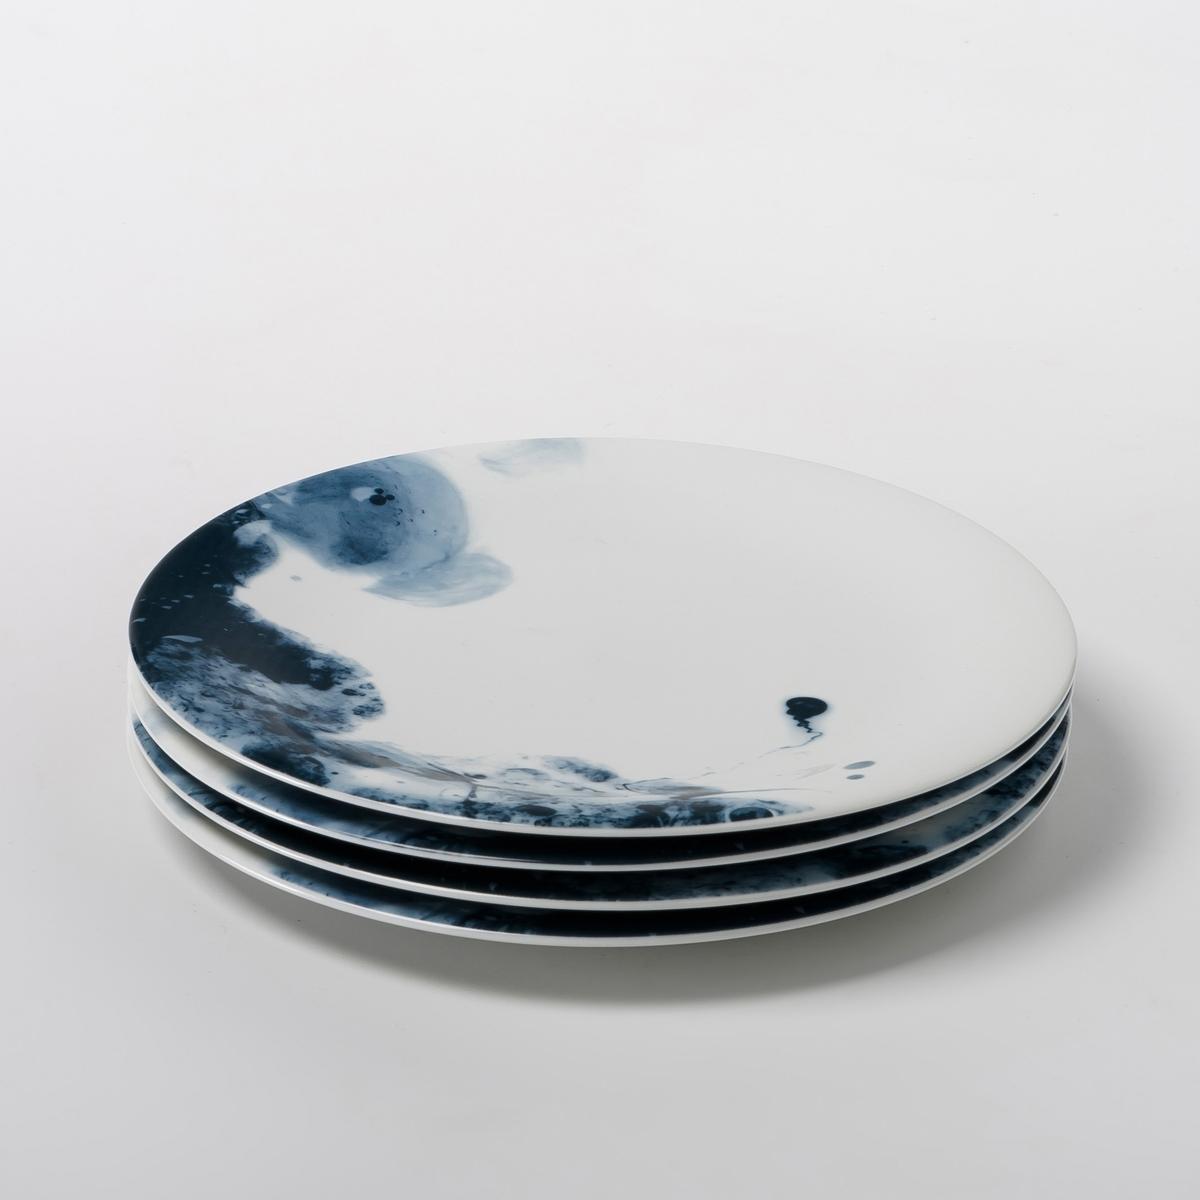 4 тарелки десертные из фарфора Encira4 тарелки десертные Encira . Очень красивый эффект синей акварели. Из глазурованного фарфора. Размер : ?22 см. Можно мыть в посудомоечной машине и использовать в микроволновой печи. Сделано в Португалии. Кружка и плоская тарелка из комплекта продаются на нашем сайте .<br><br>Цвет: синий<br>Размер: единый размер